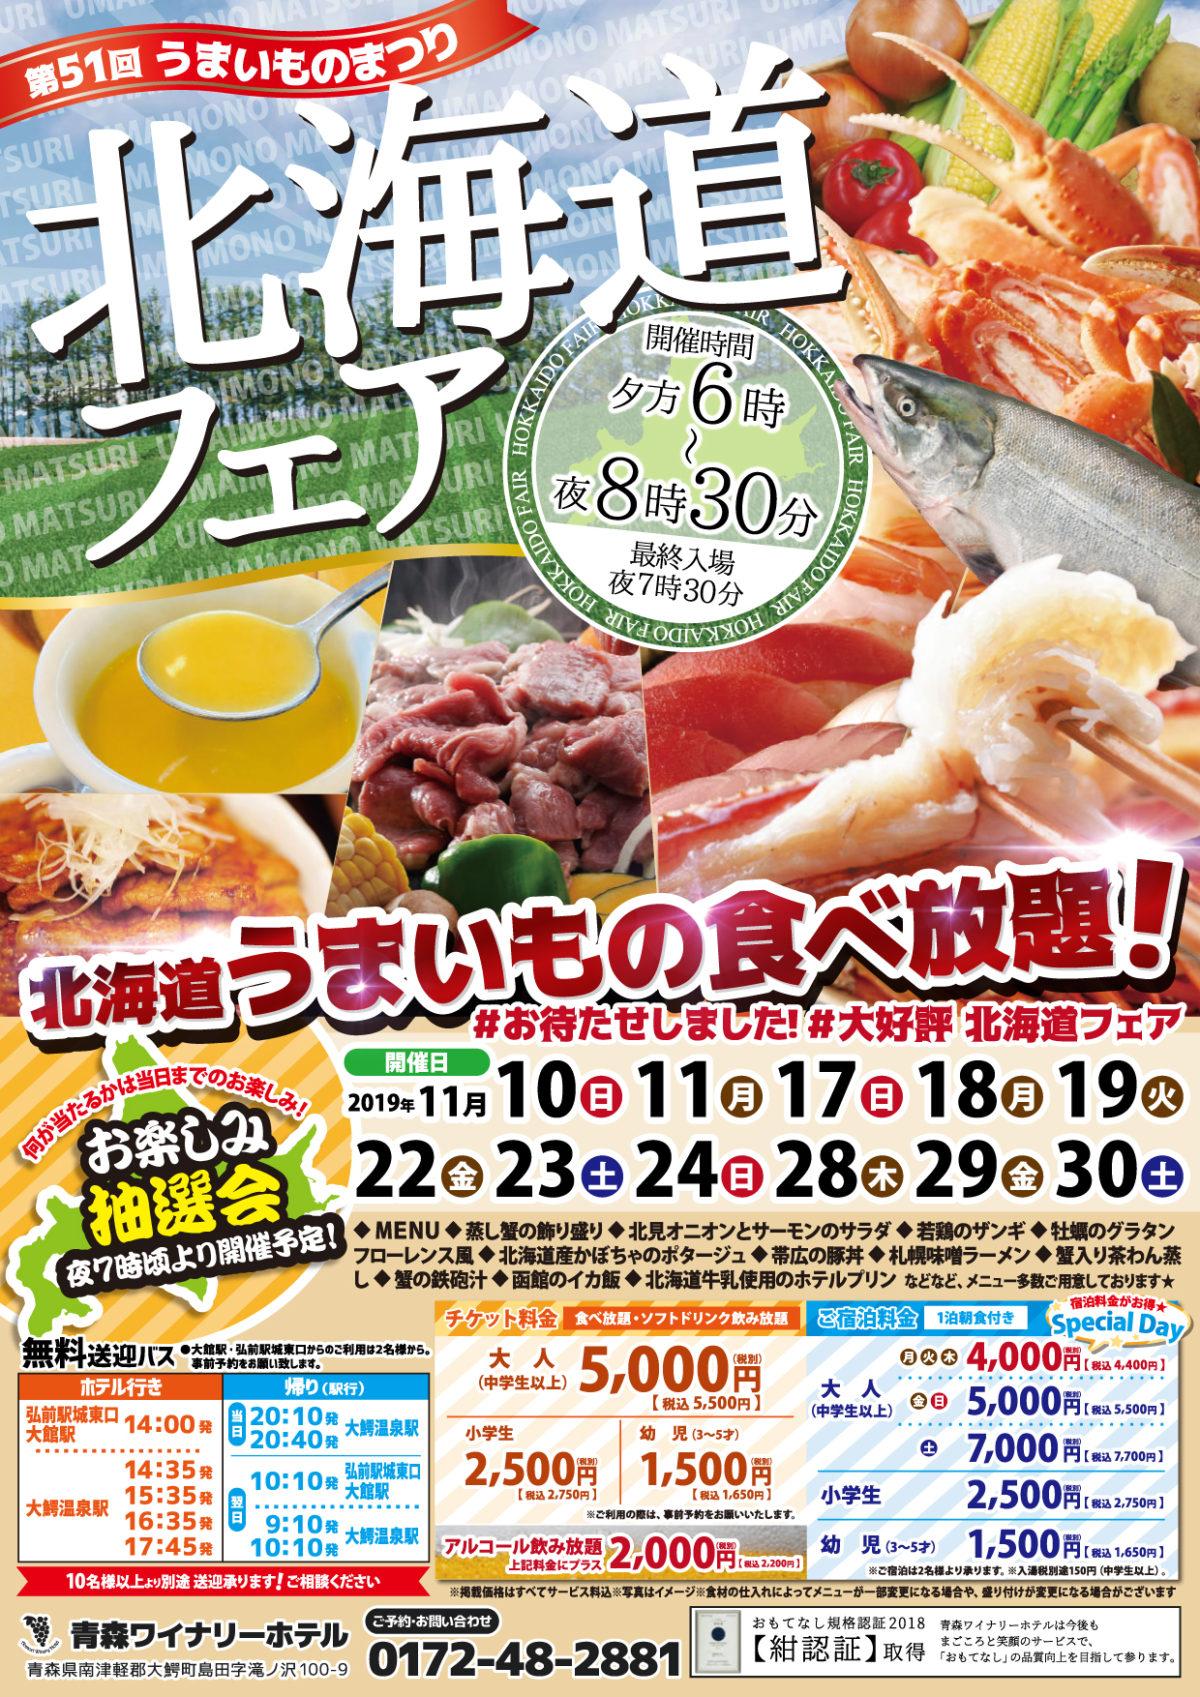 北海道フェアのお知らせ PDF